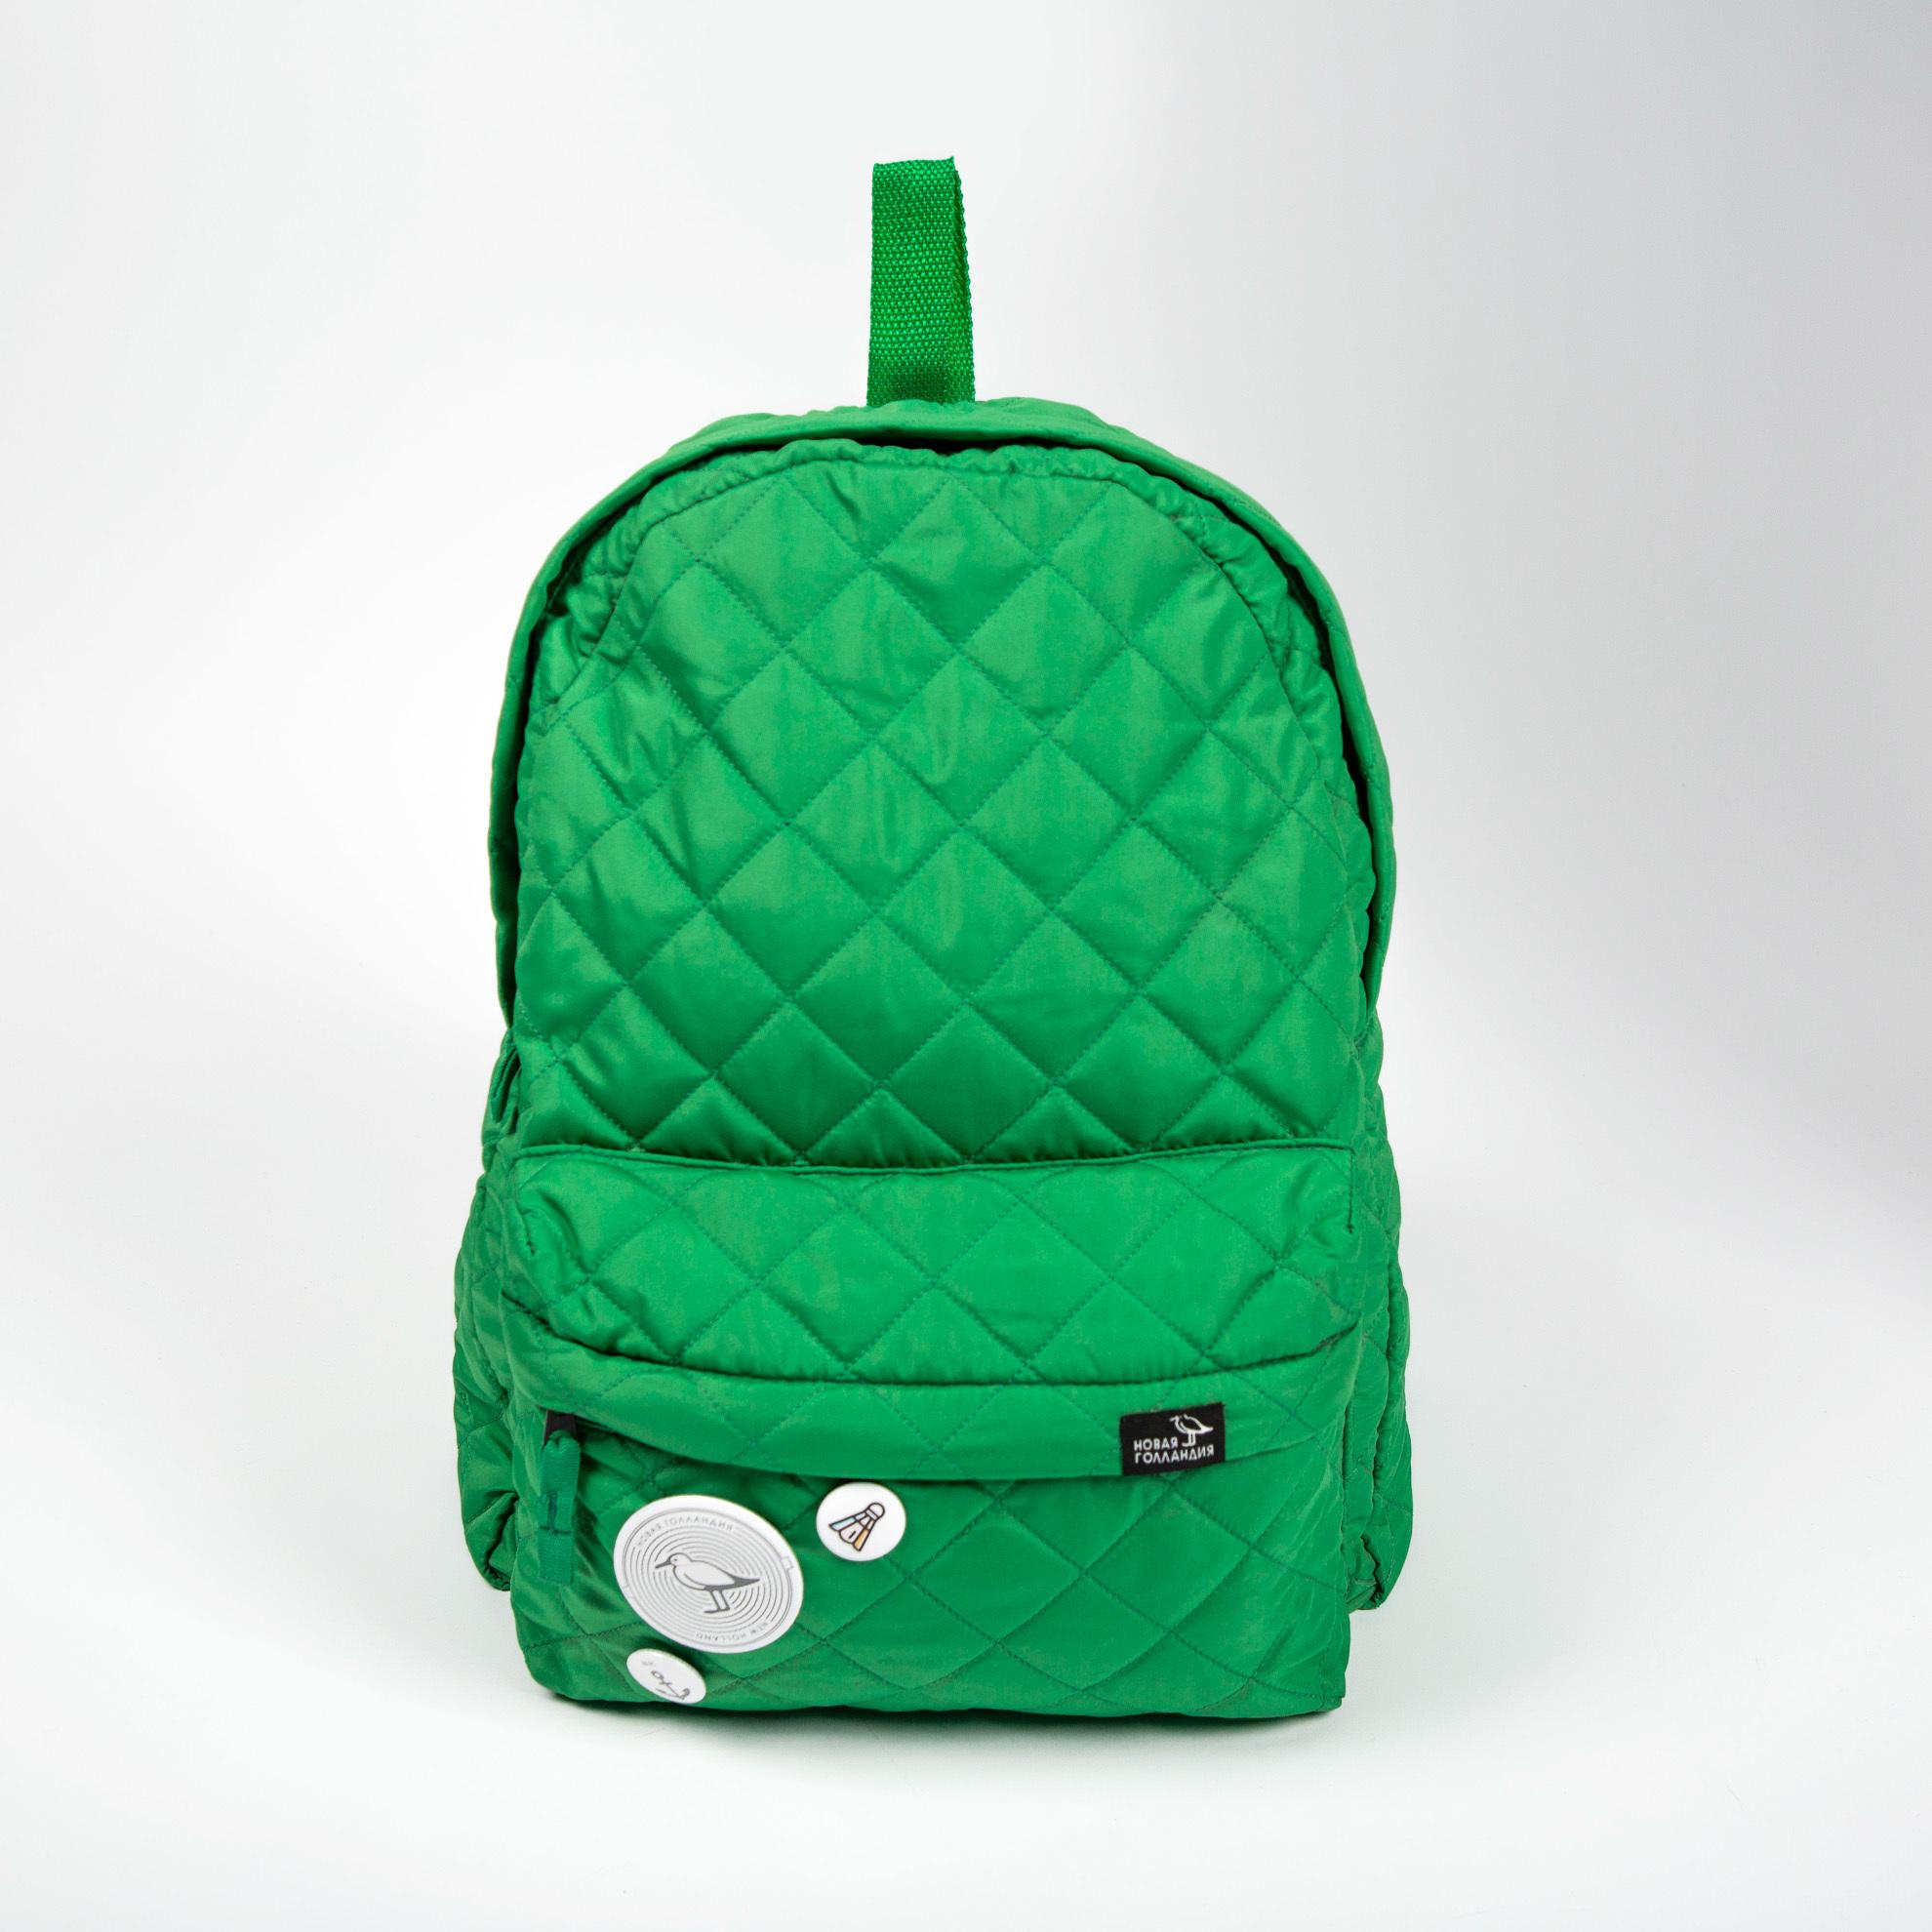 Рюкзак с набором значков